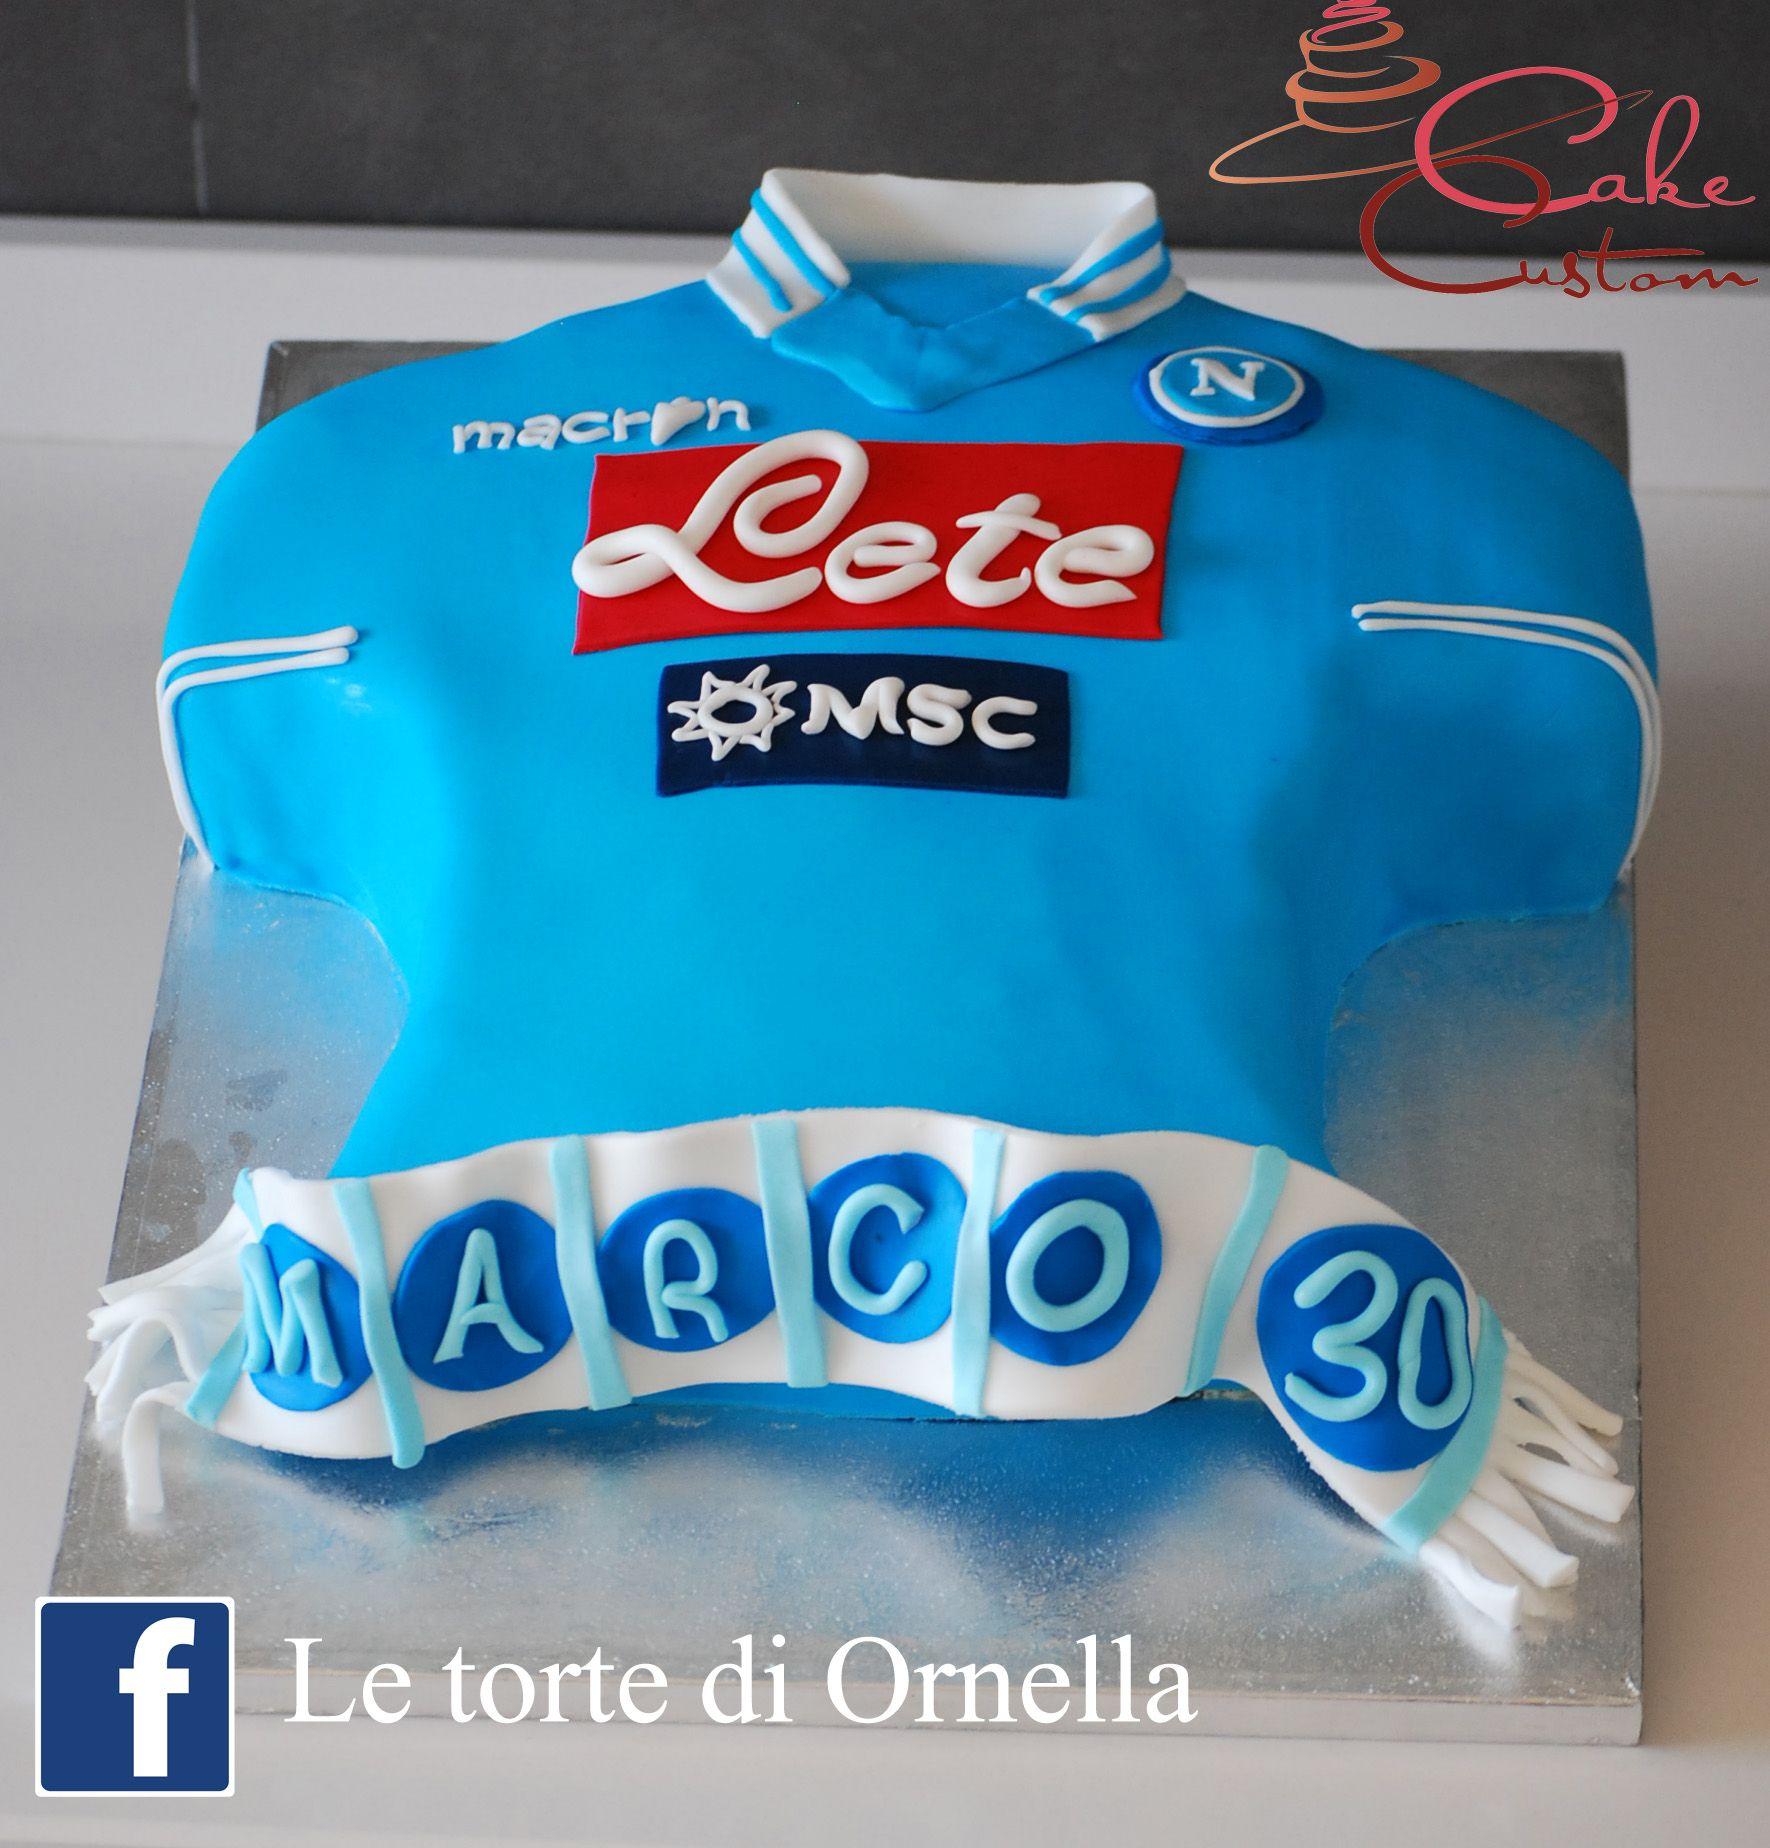 Calcio 2019 Nel Del Ornella Napoli Torte Maglietta Di TortaLe nk0OX8Pw